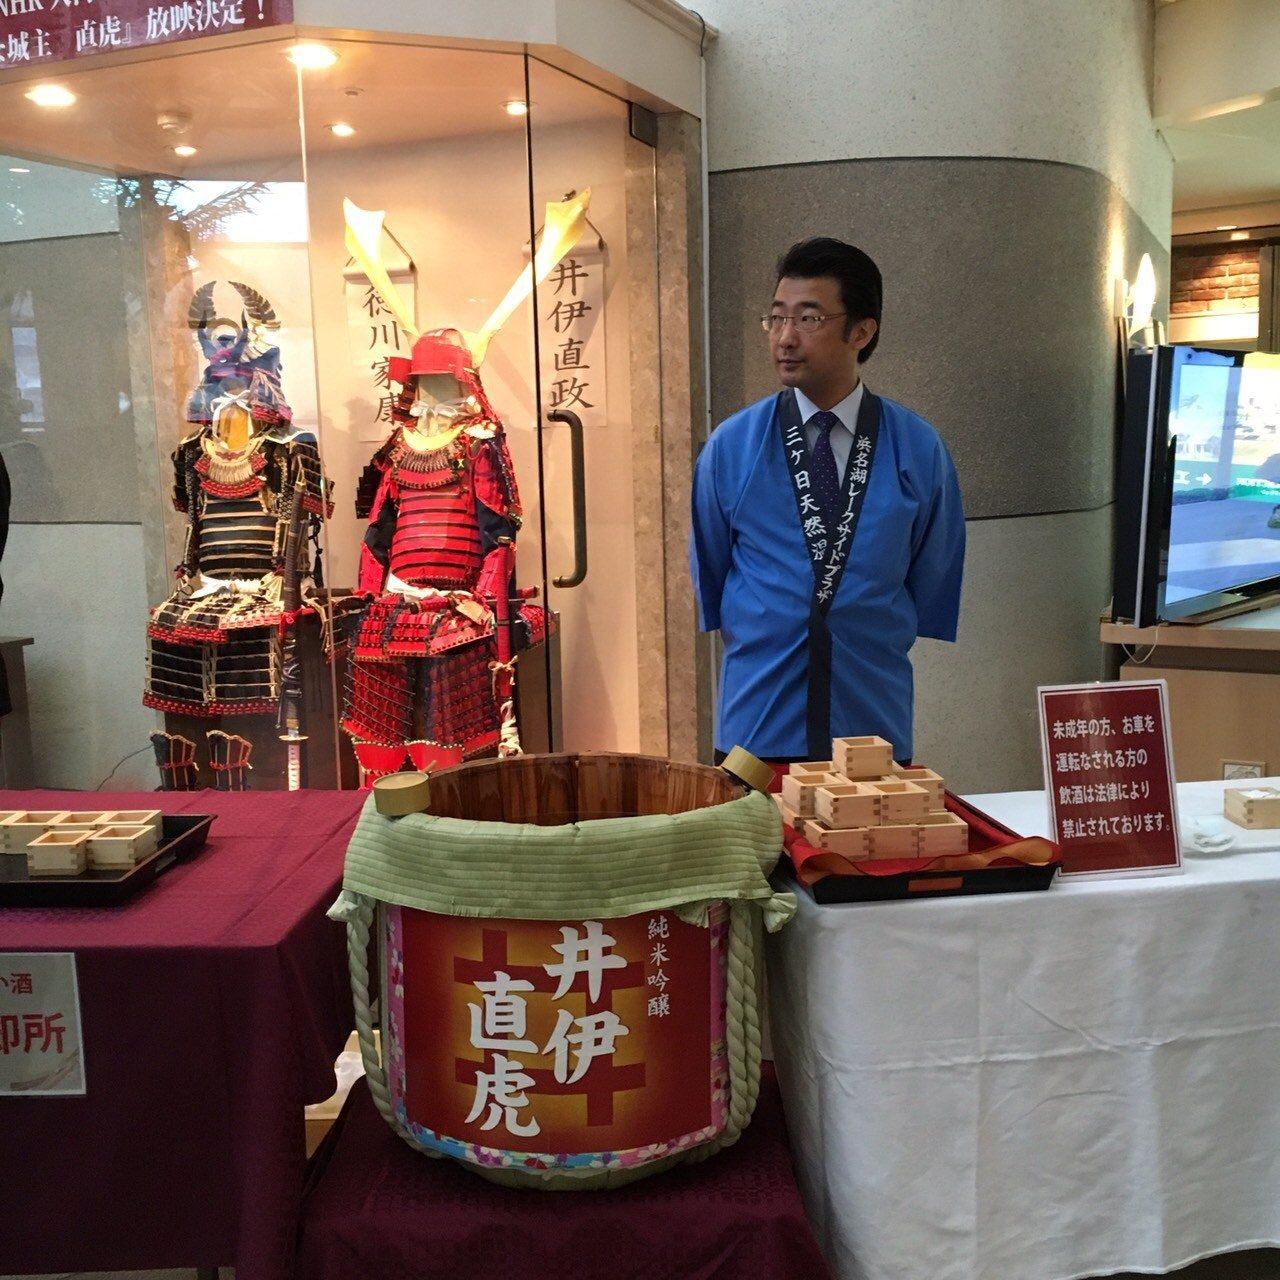 2017大河電視劇【女城主 直虎】的展示區,可以試飲清酒:【純米吟釀 井伊直虎】。